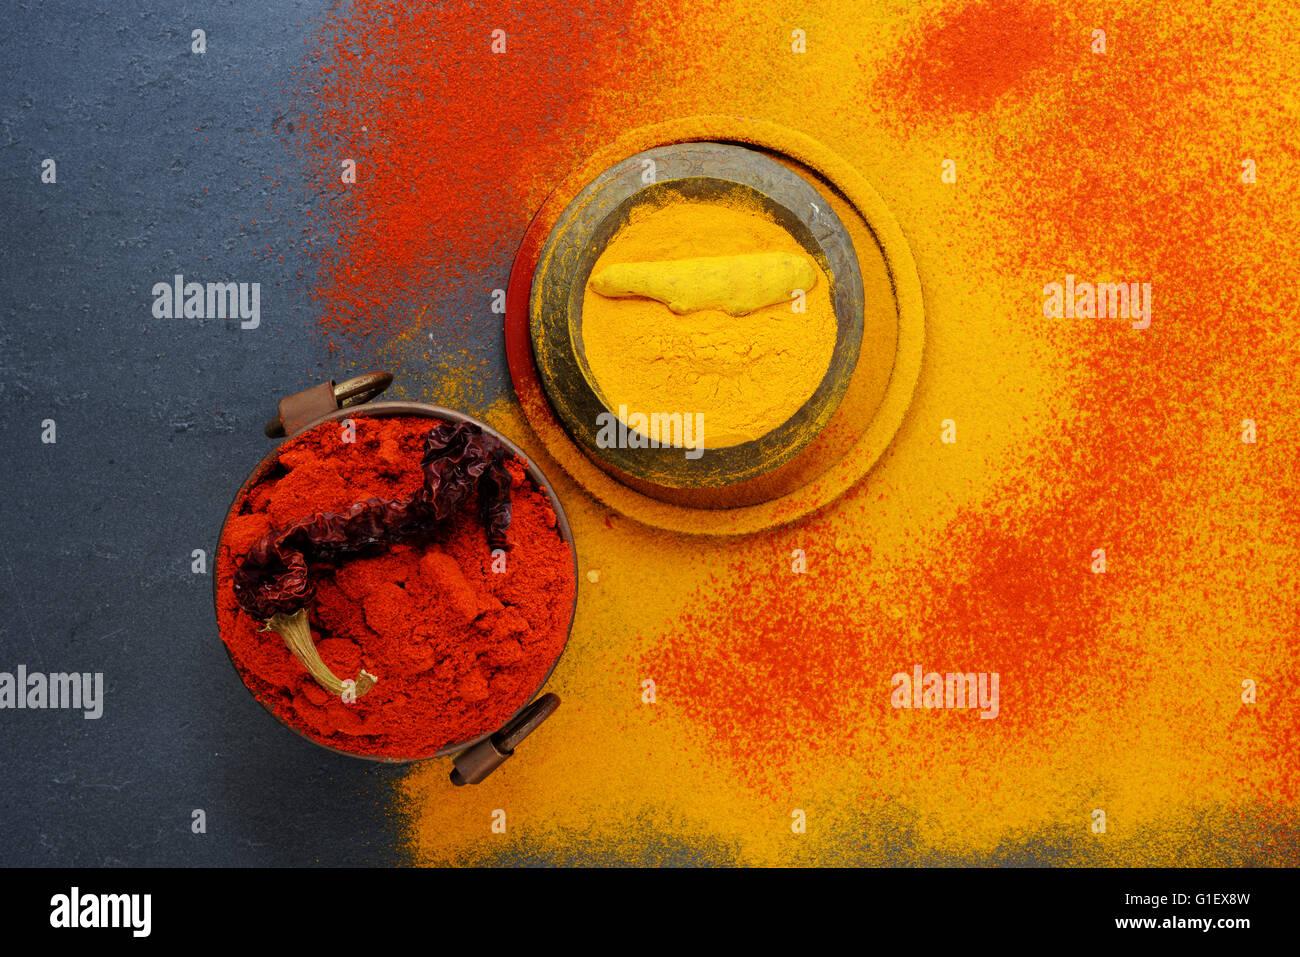 Satz von Gewürze Pfeffer und Kurkuma in Vintage Metallschalen über gelbe Kurkumapulver. Ansicht von oben. Stockbild